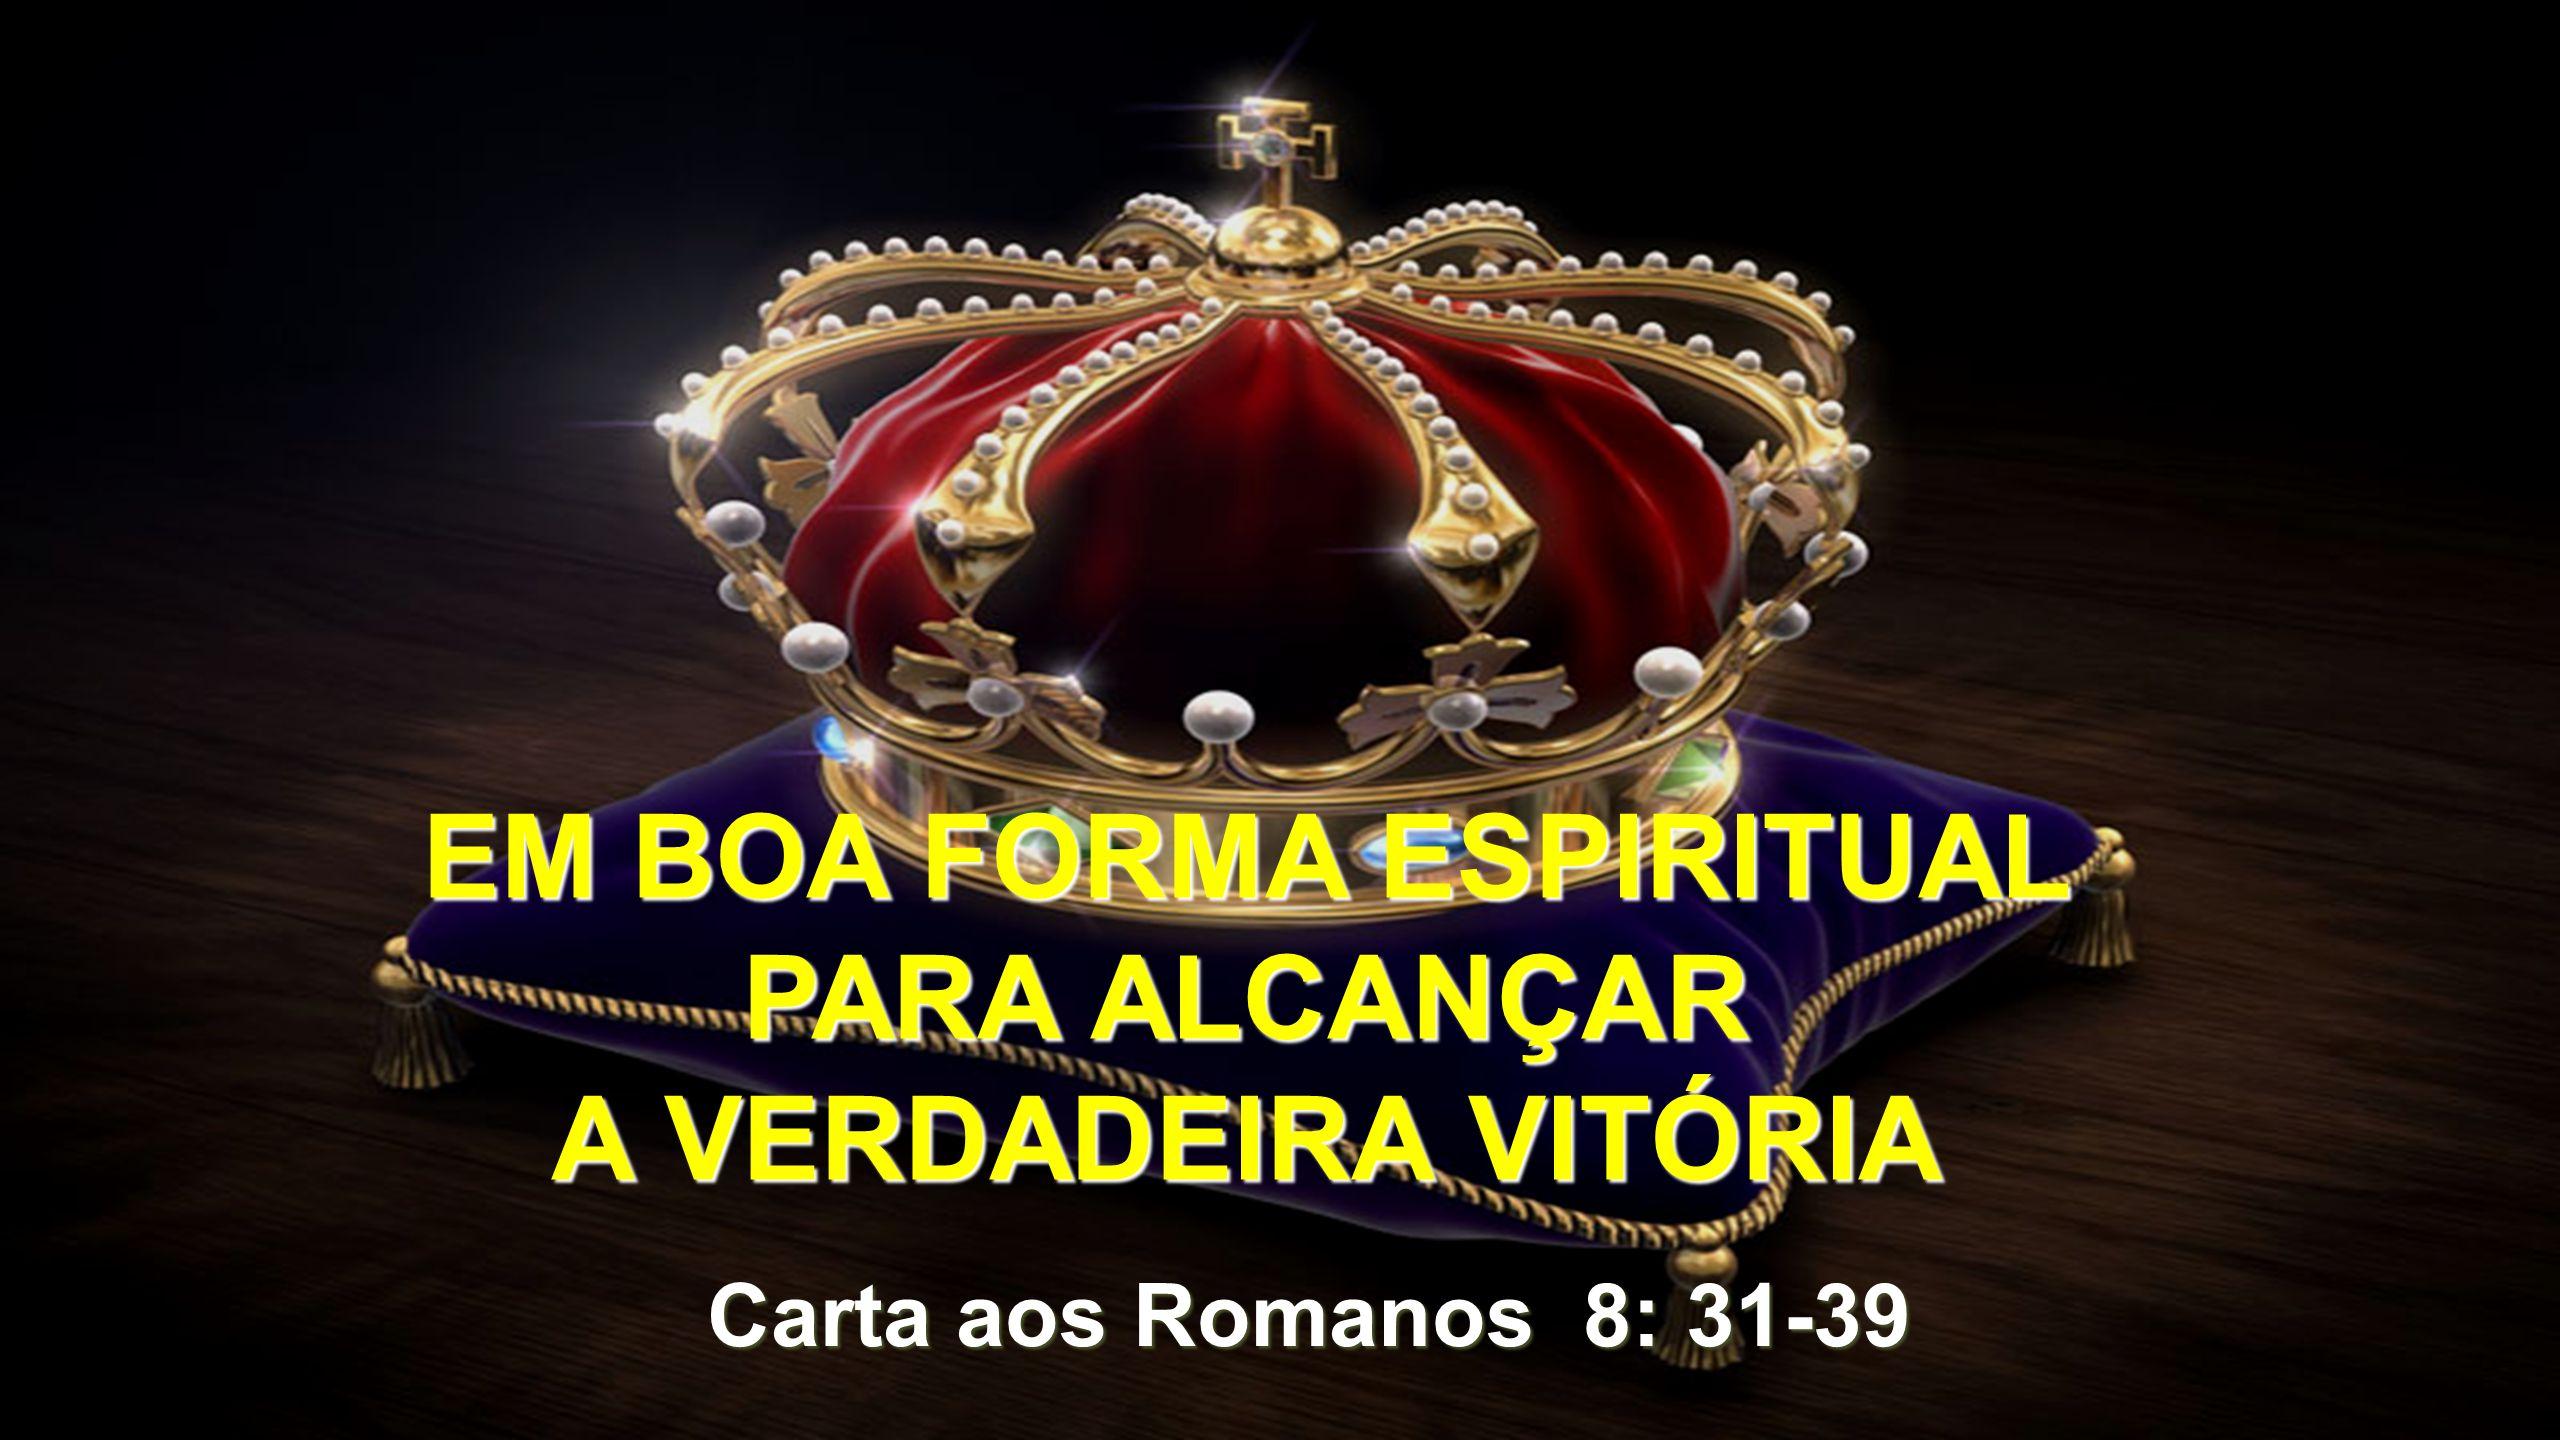 EM BOA FORMA ESPIRITUAL PARA ALCANÇAR A VERDADEIRA VITÓRIA Carta aos Romanos 8: 31-39